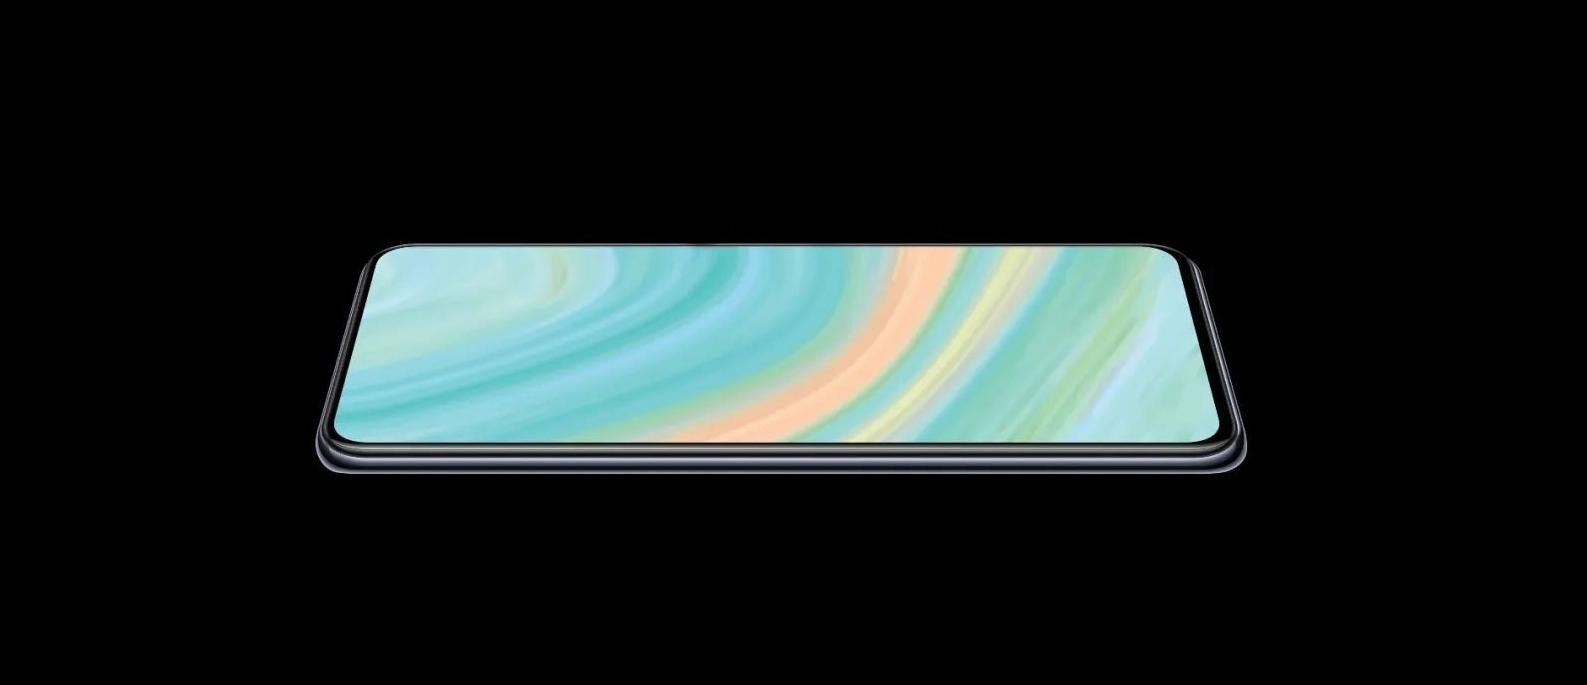 ZTE Axon 20 5G display (2)